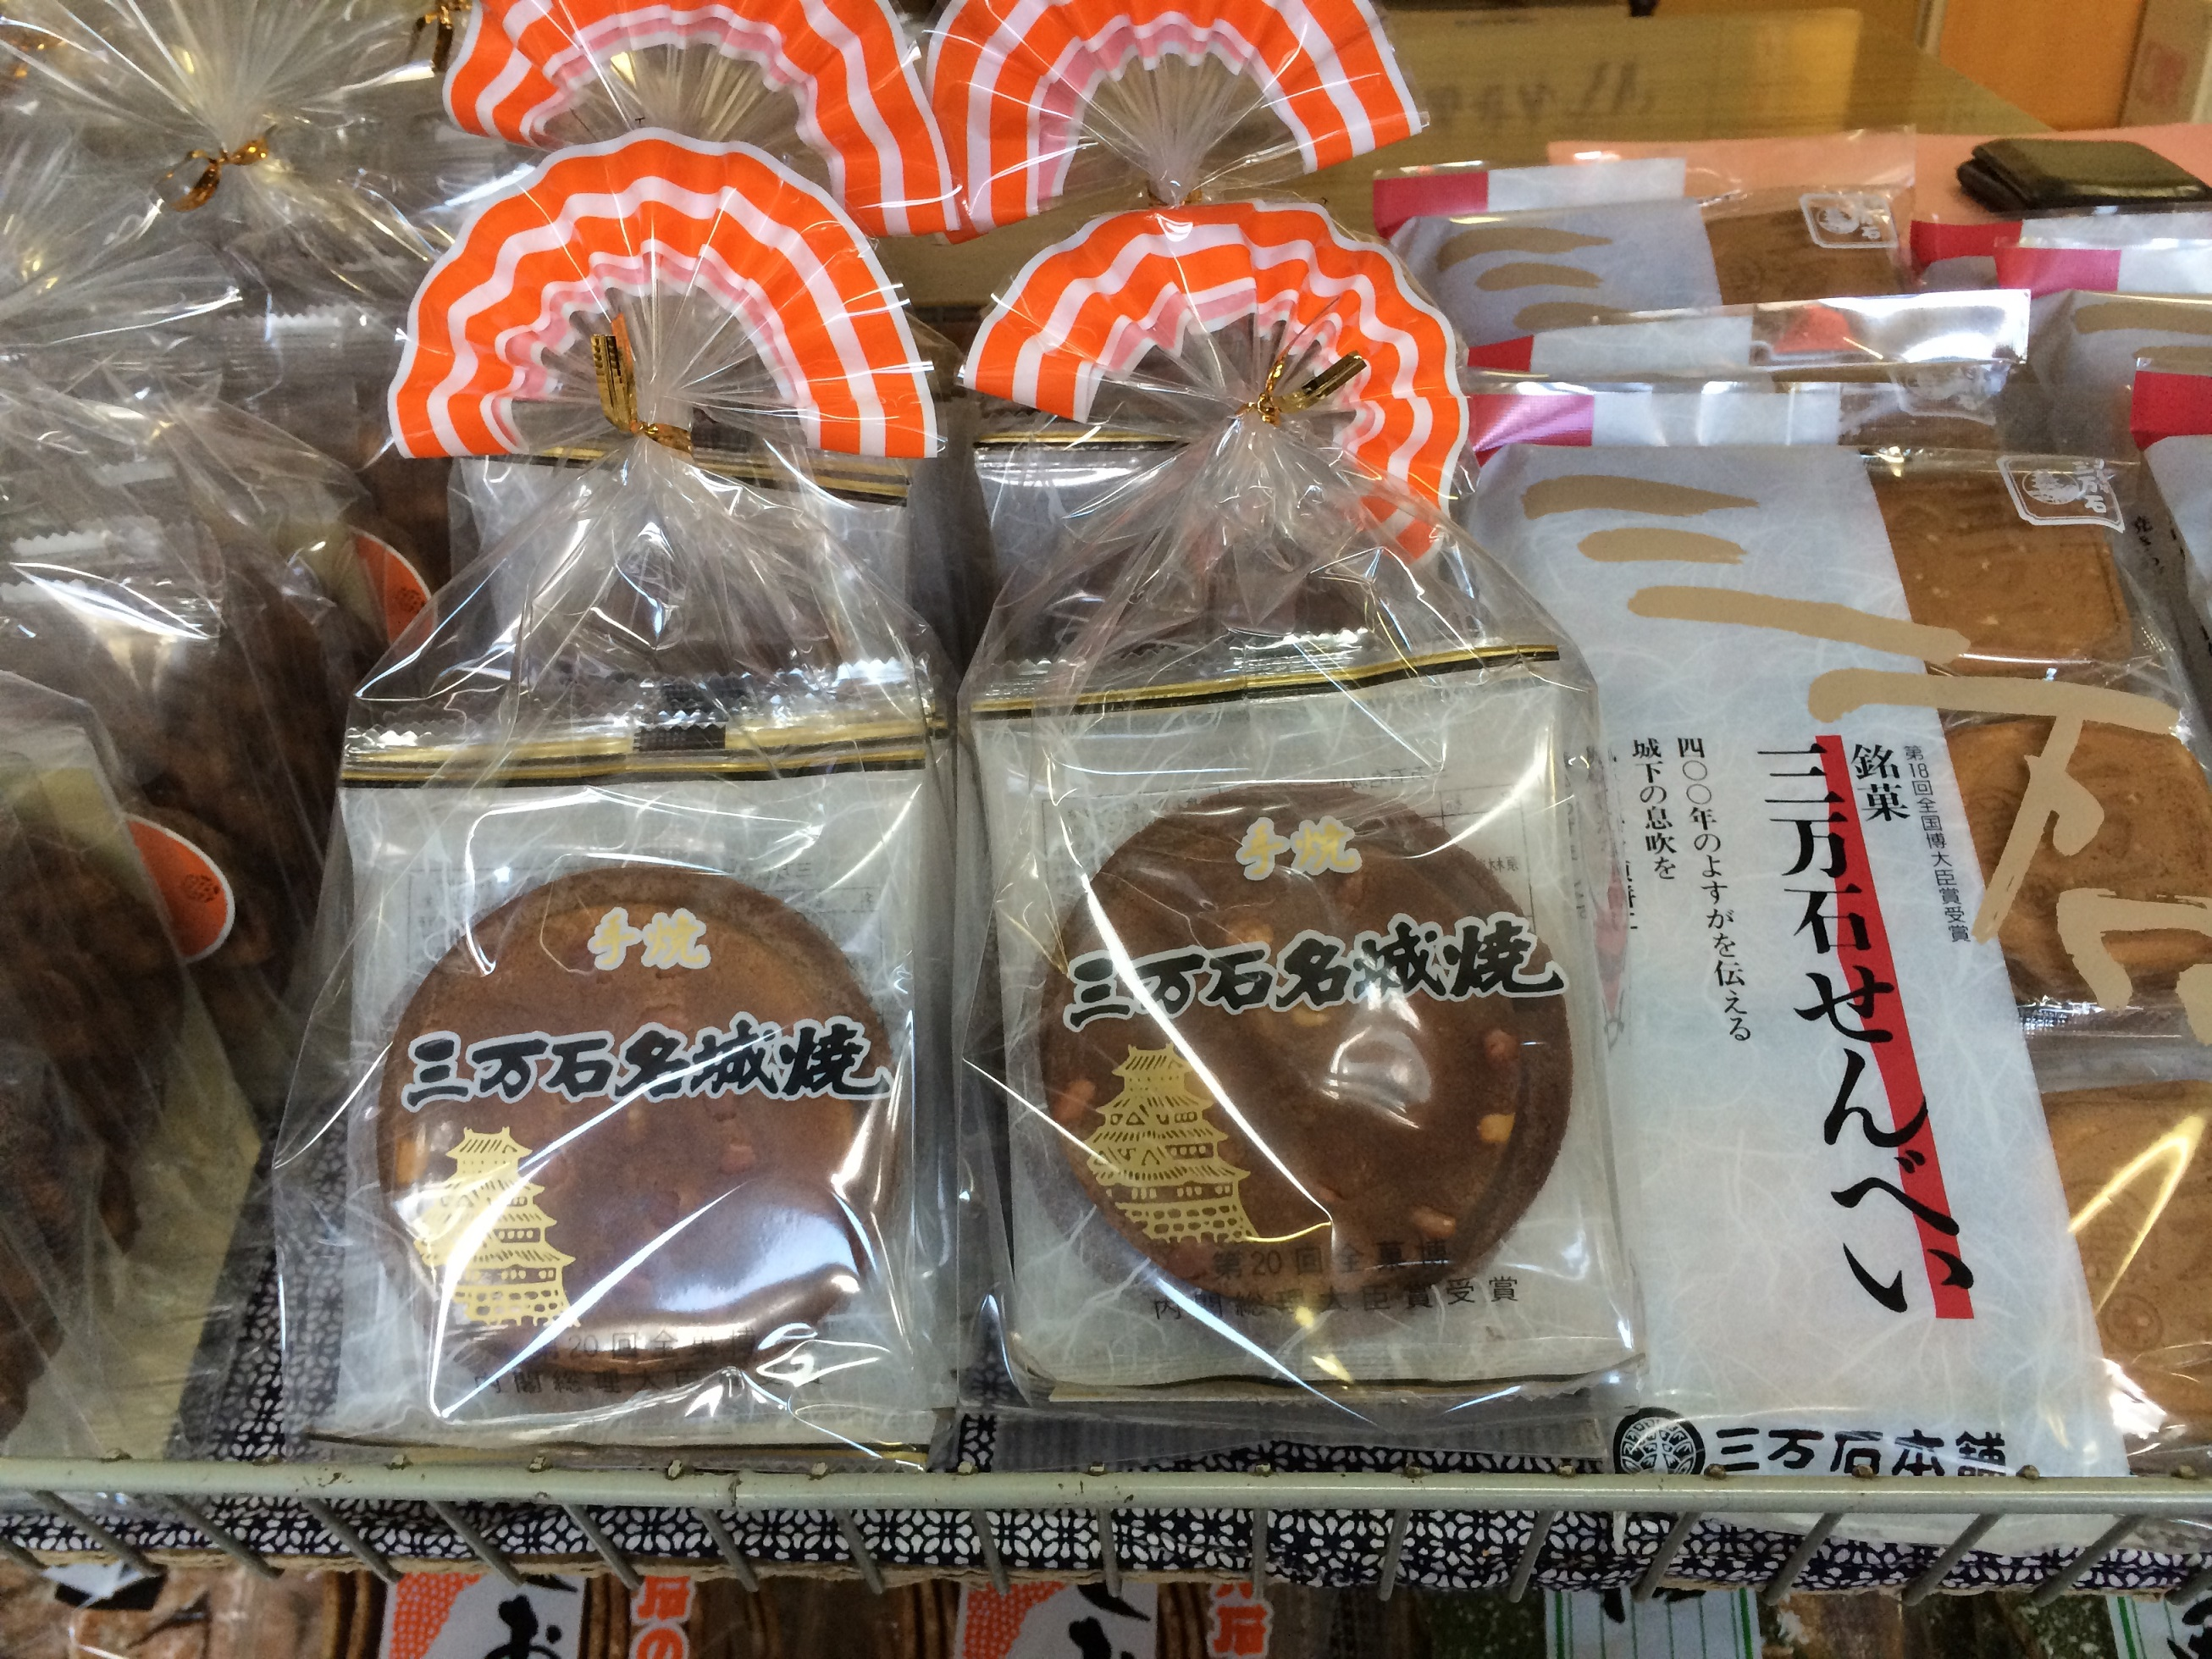 三万石名城焼:第20回内閣総理大臣賞受賞の人気商品。